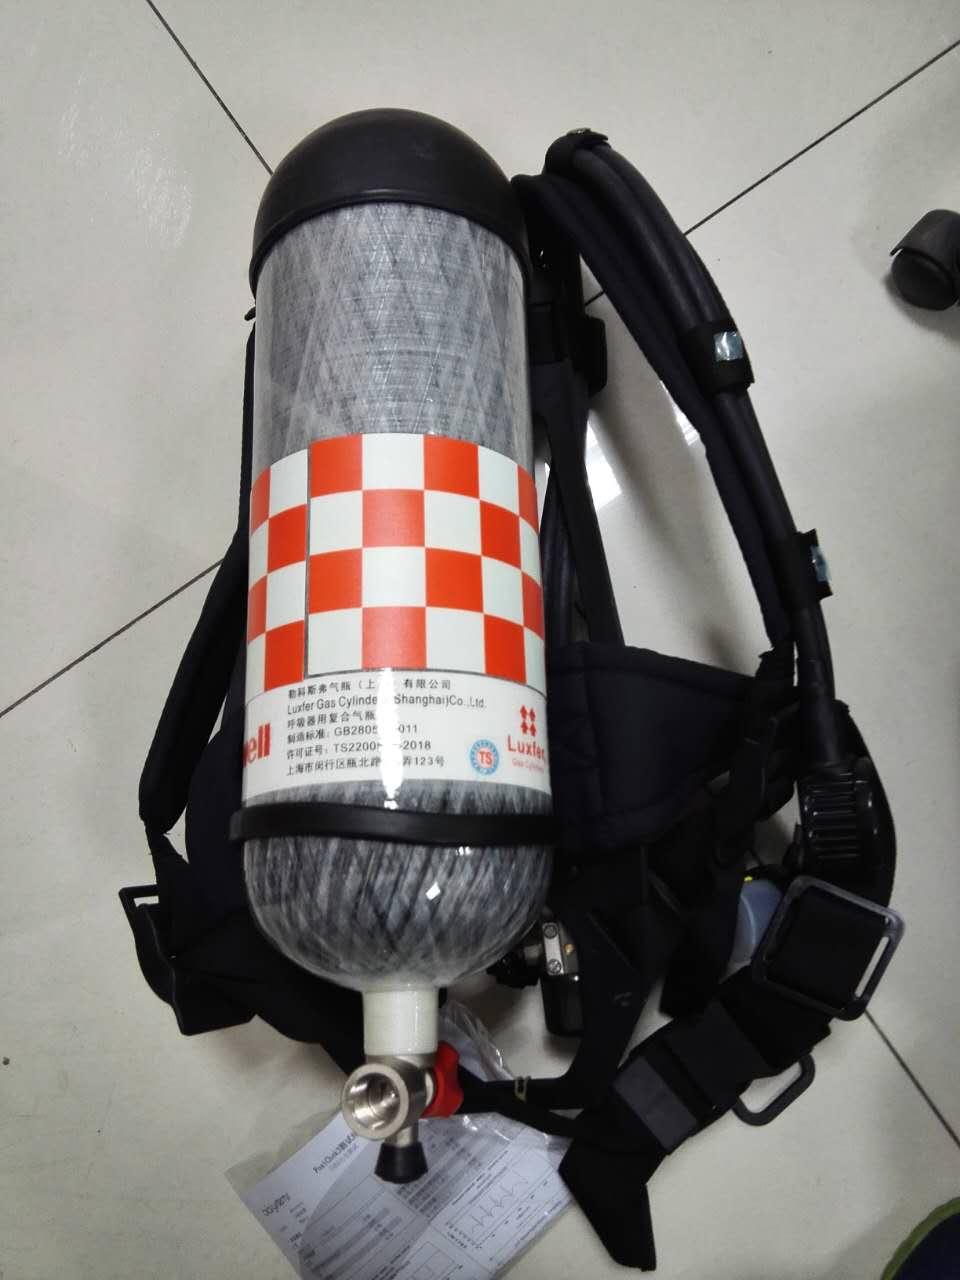 霍尼韦尔正压空气呼吸器c900使用参数介绍